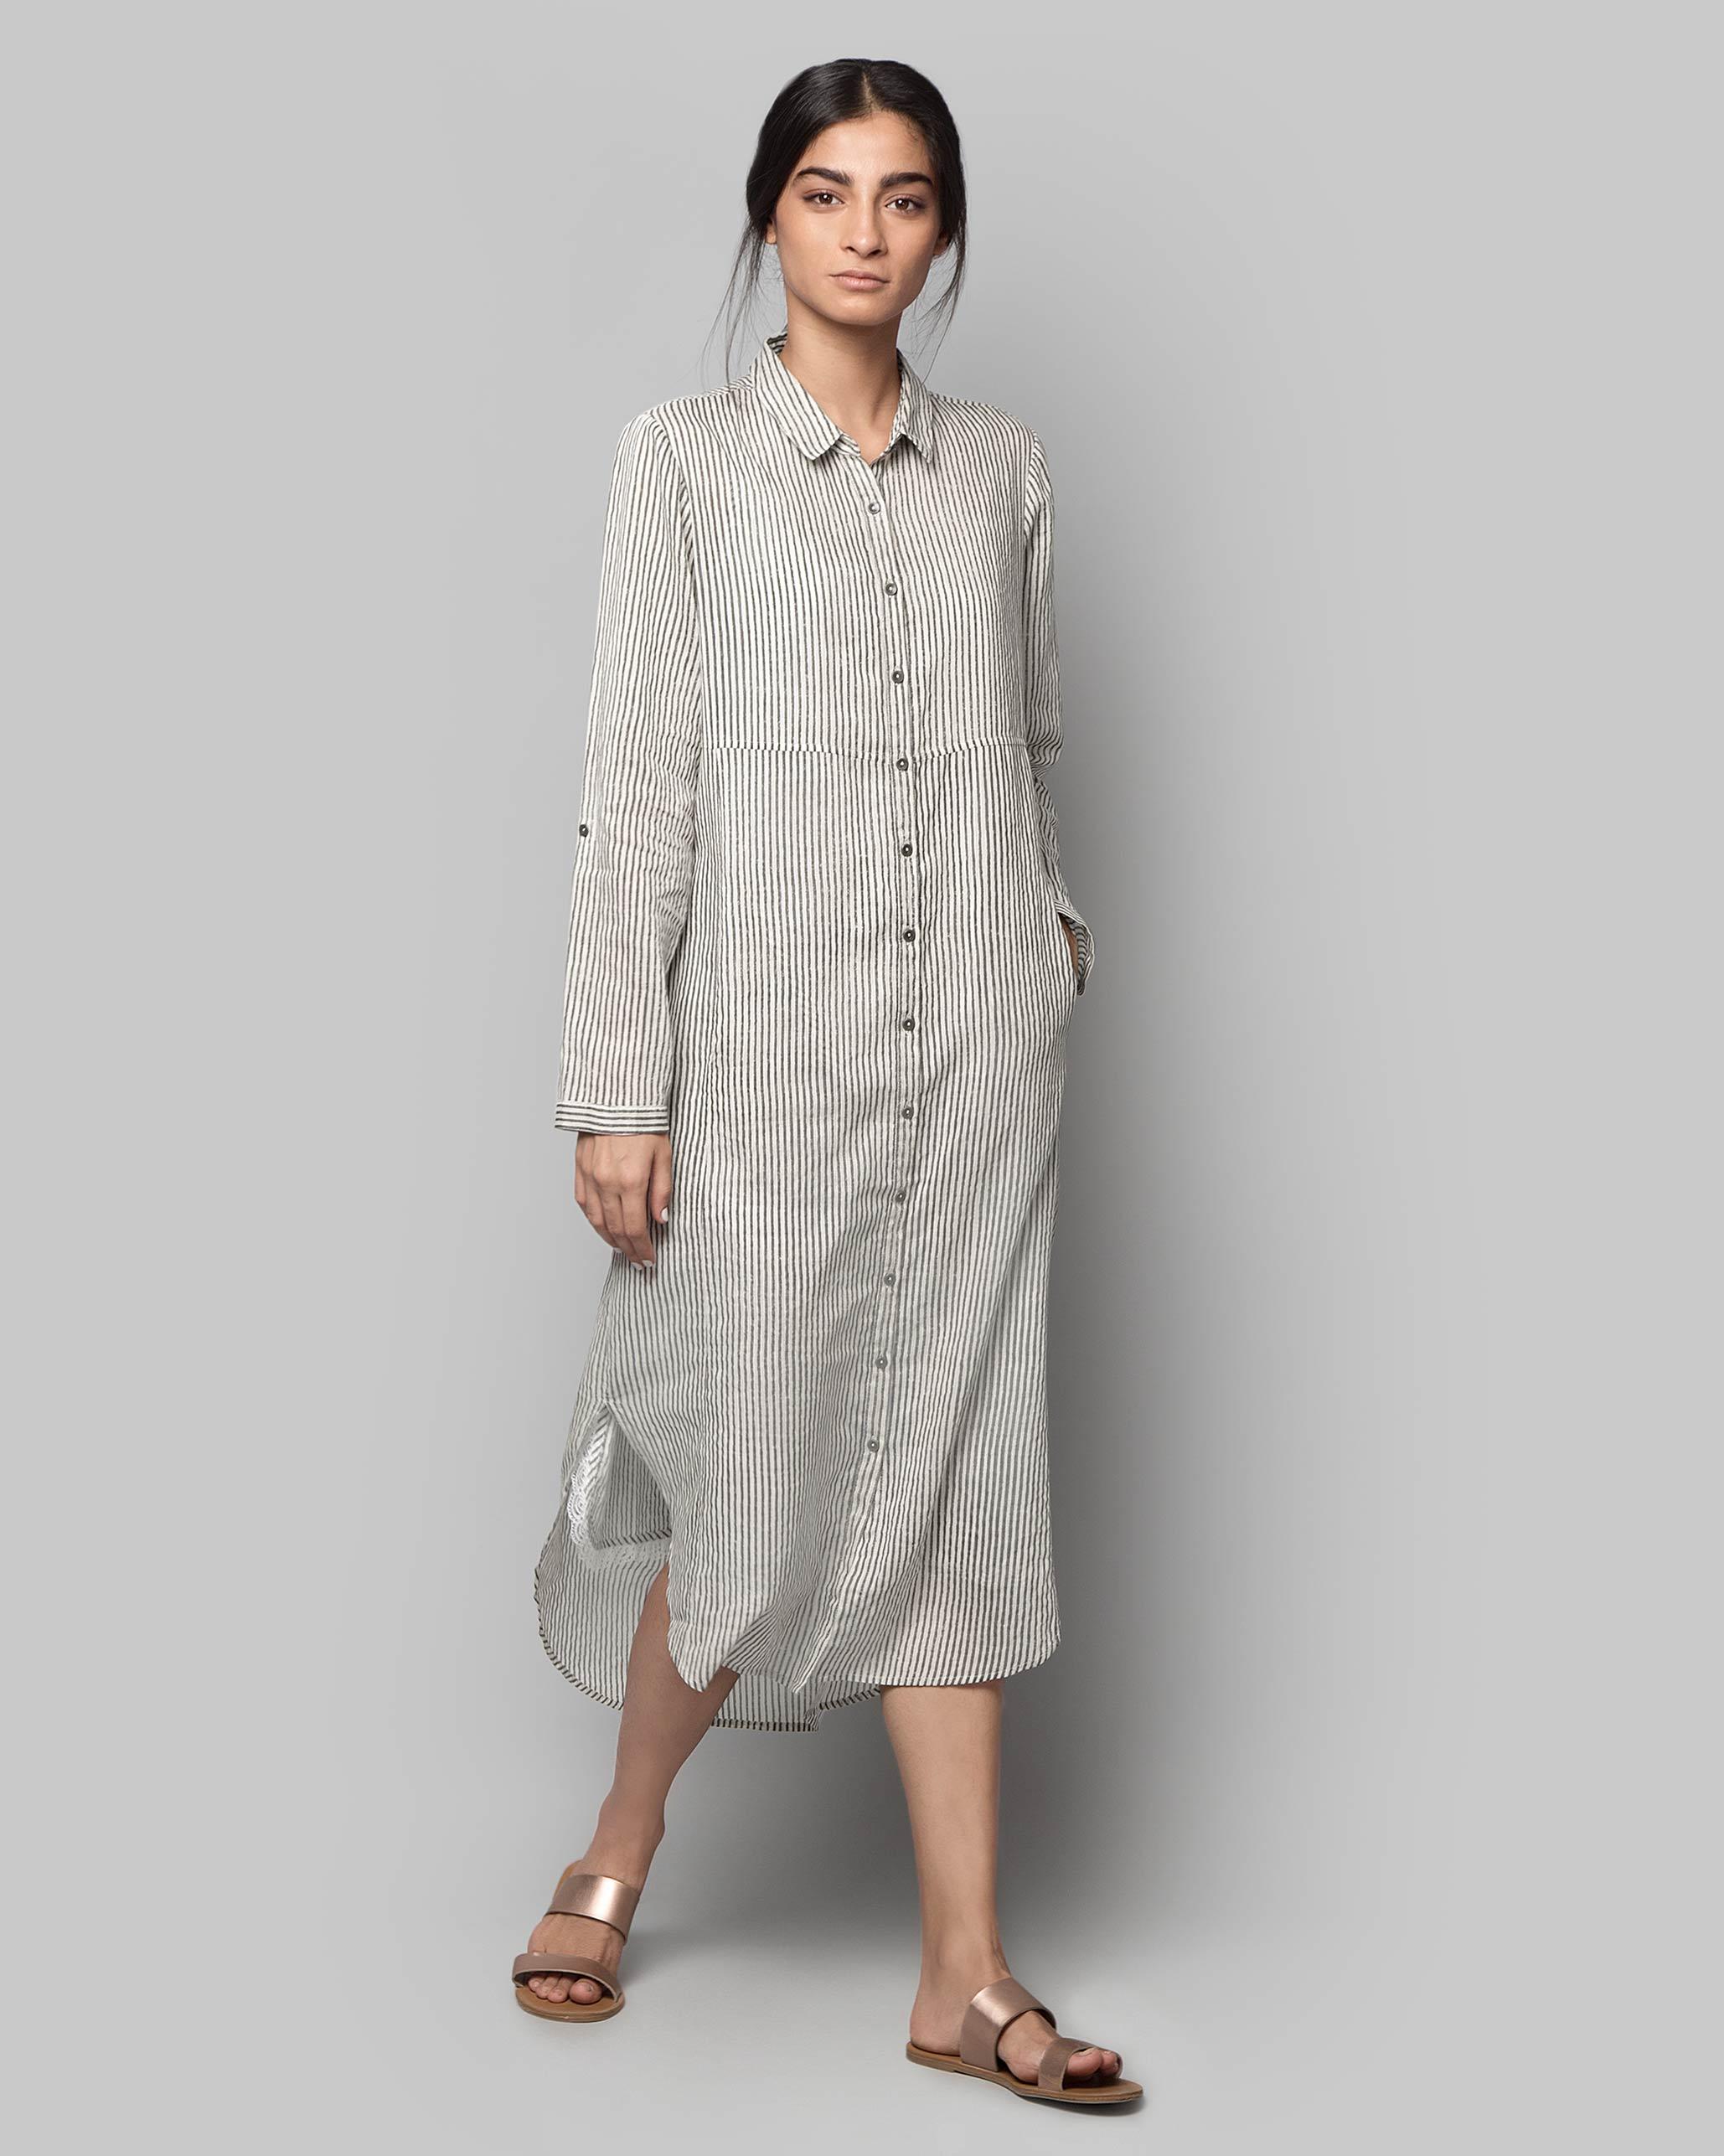 Long Shirt Dress Photo Dress Wallpaper Hd Aorg